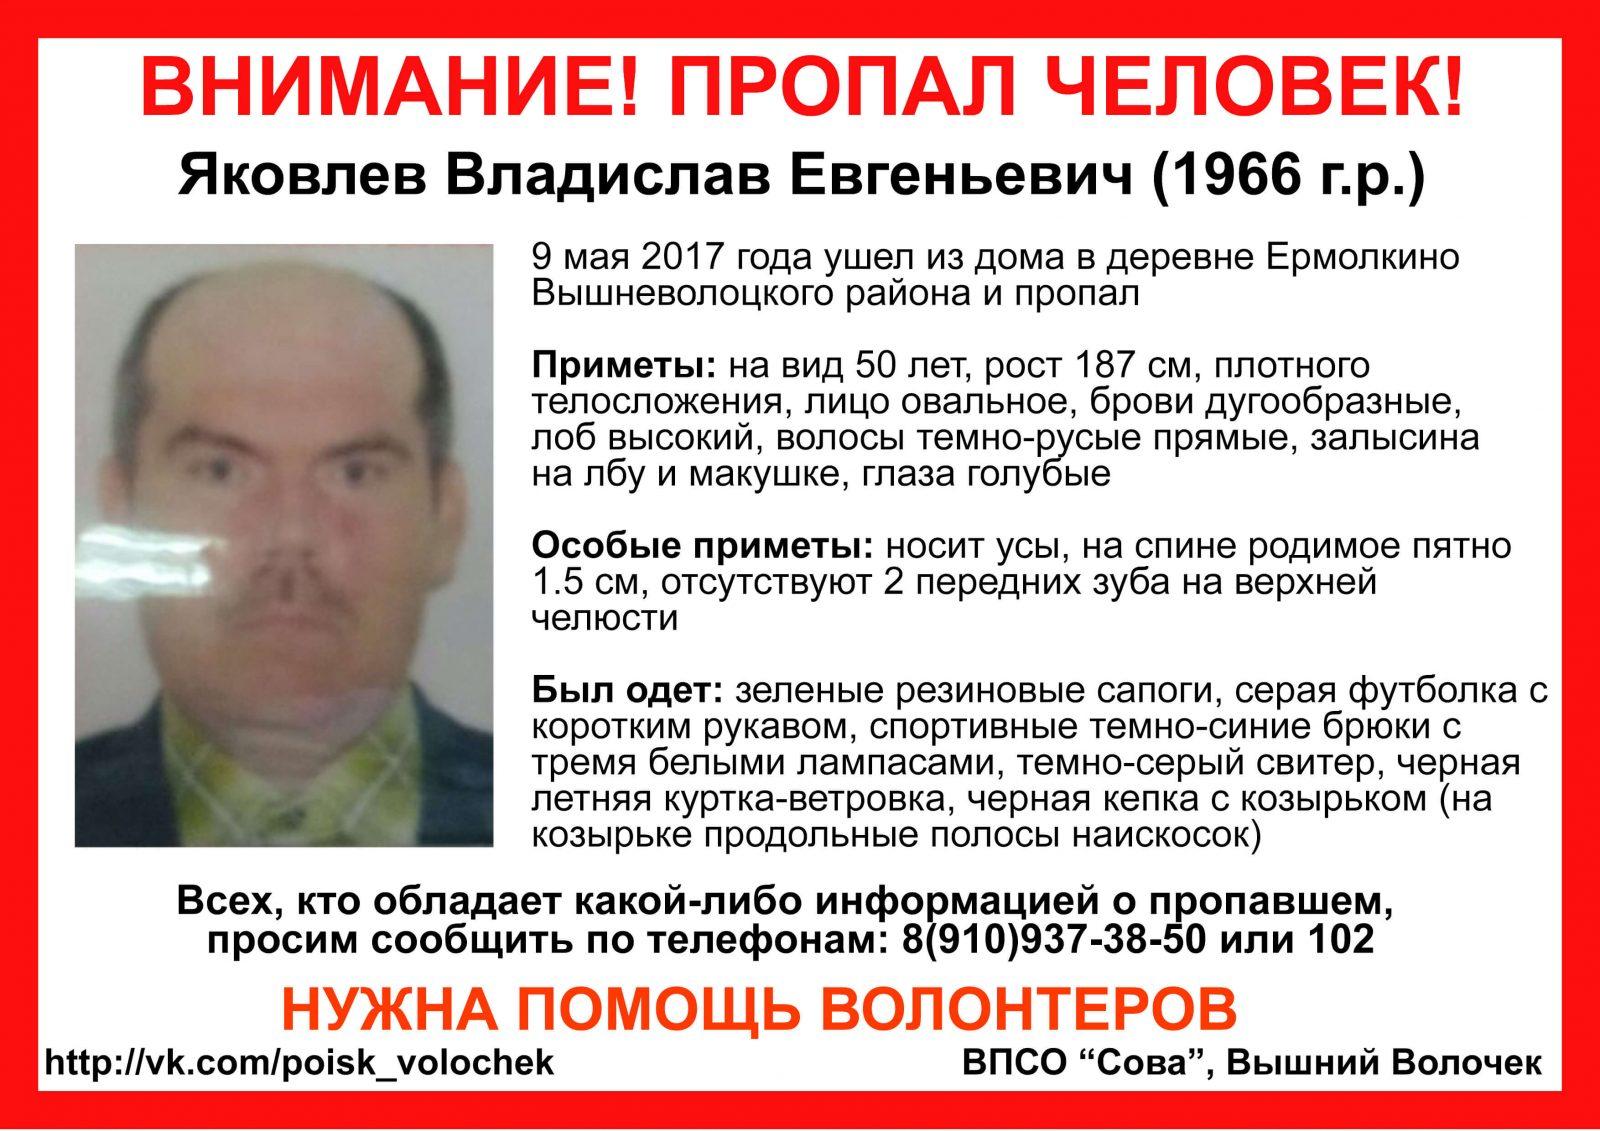 Пропал Яковлев Владислав Евгеньевич (1966 г.р.)